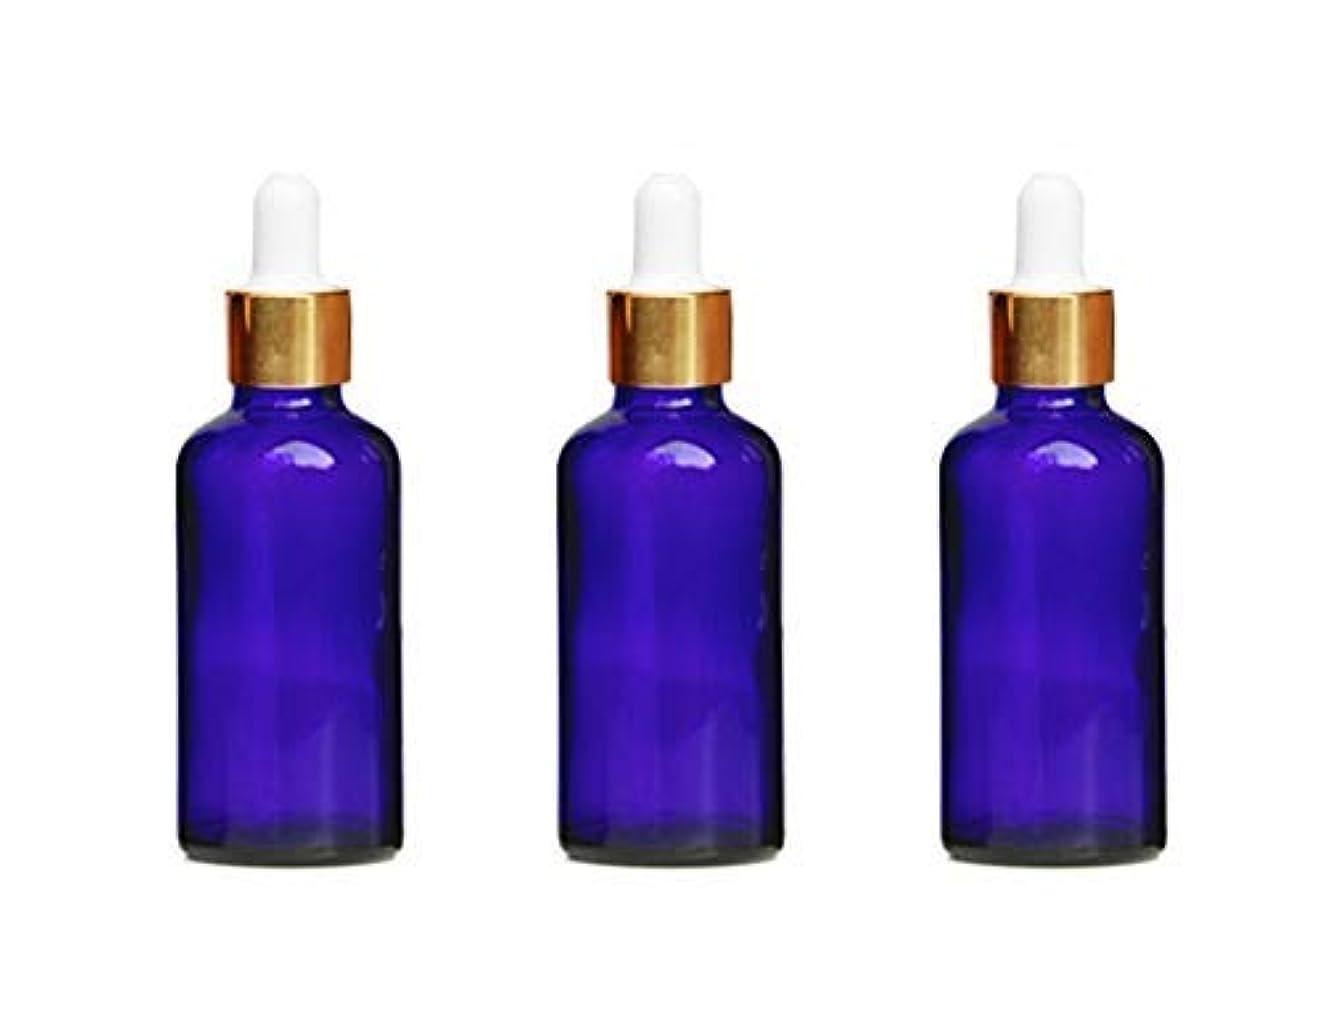 食用不完全ストライプ3Pcs Blue Glass Essential Oil Dropper Bottles Empty Refillable Makeup Cosmetic Sample Container Jars With Glass...